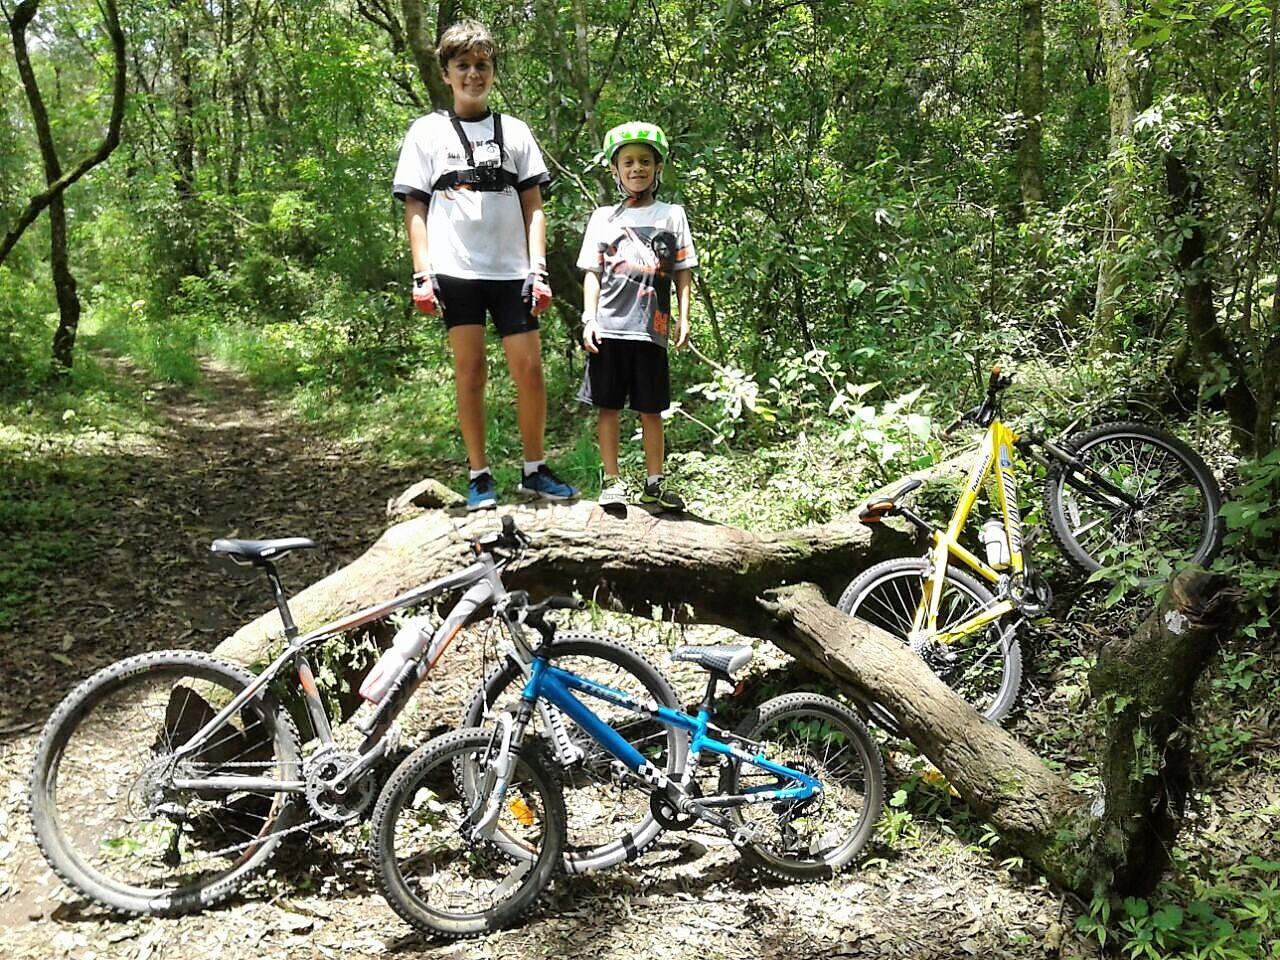 kids on bikes, mountain bikes for kids